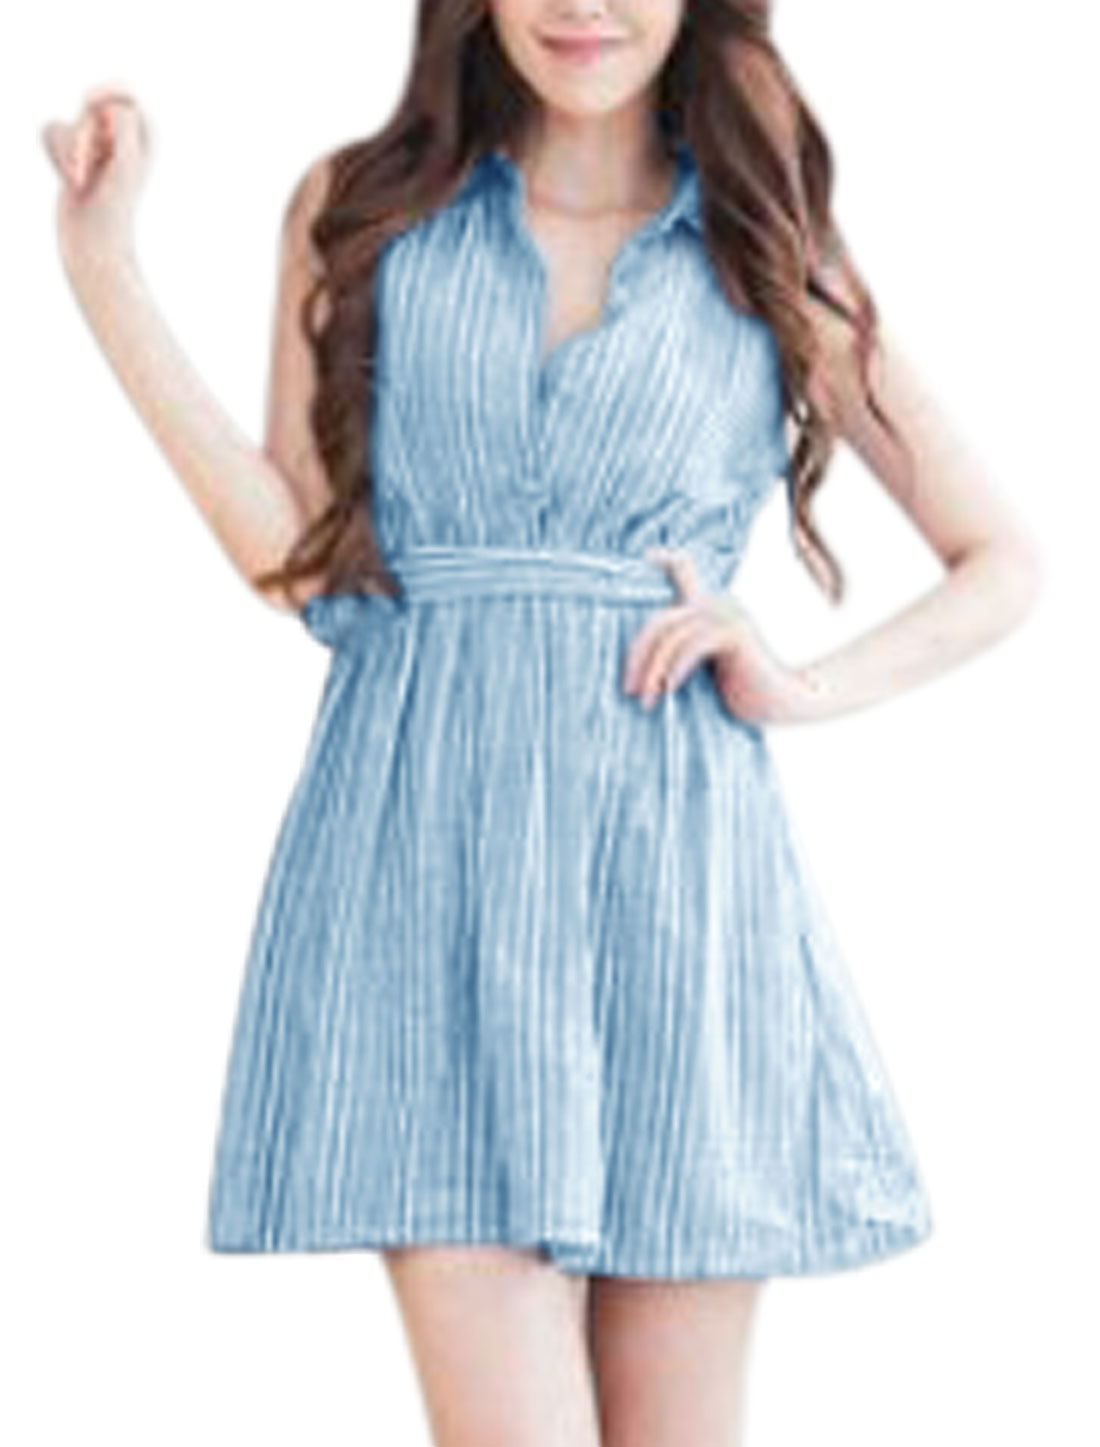 Woman Vertical Stripes Sleeveless Unlined Shirt Dress w Waist String Blue White XS